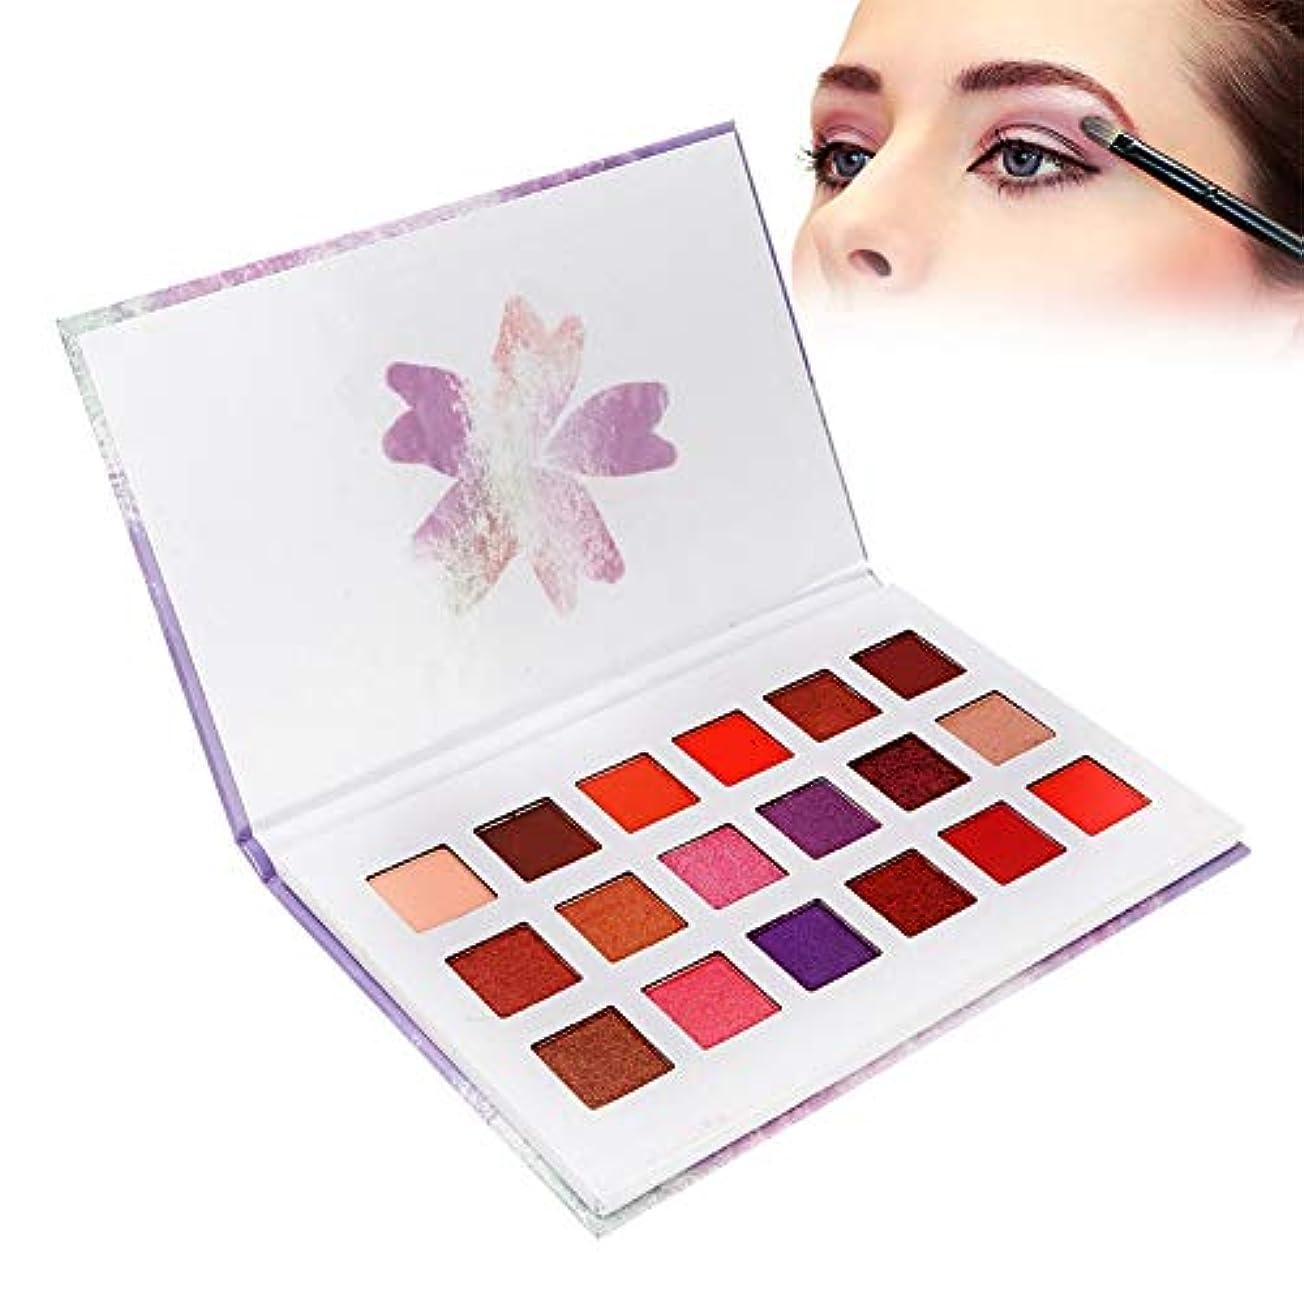 専ら回路郵便アイシャドウパレット 18色 防水マットグリッターアイシャドウ化粧品パウダー